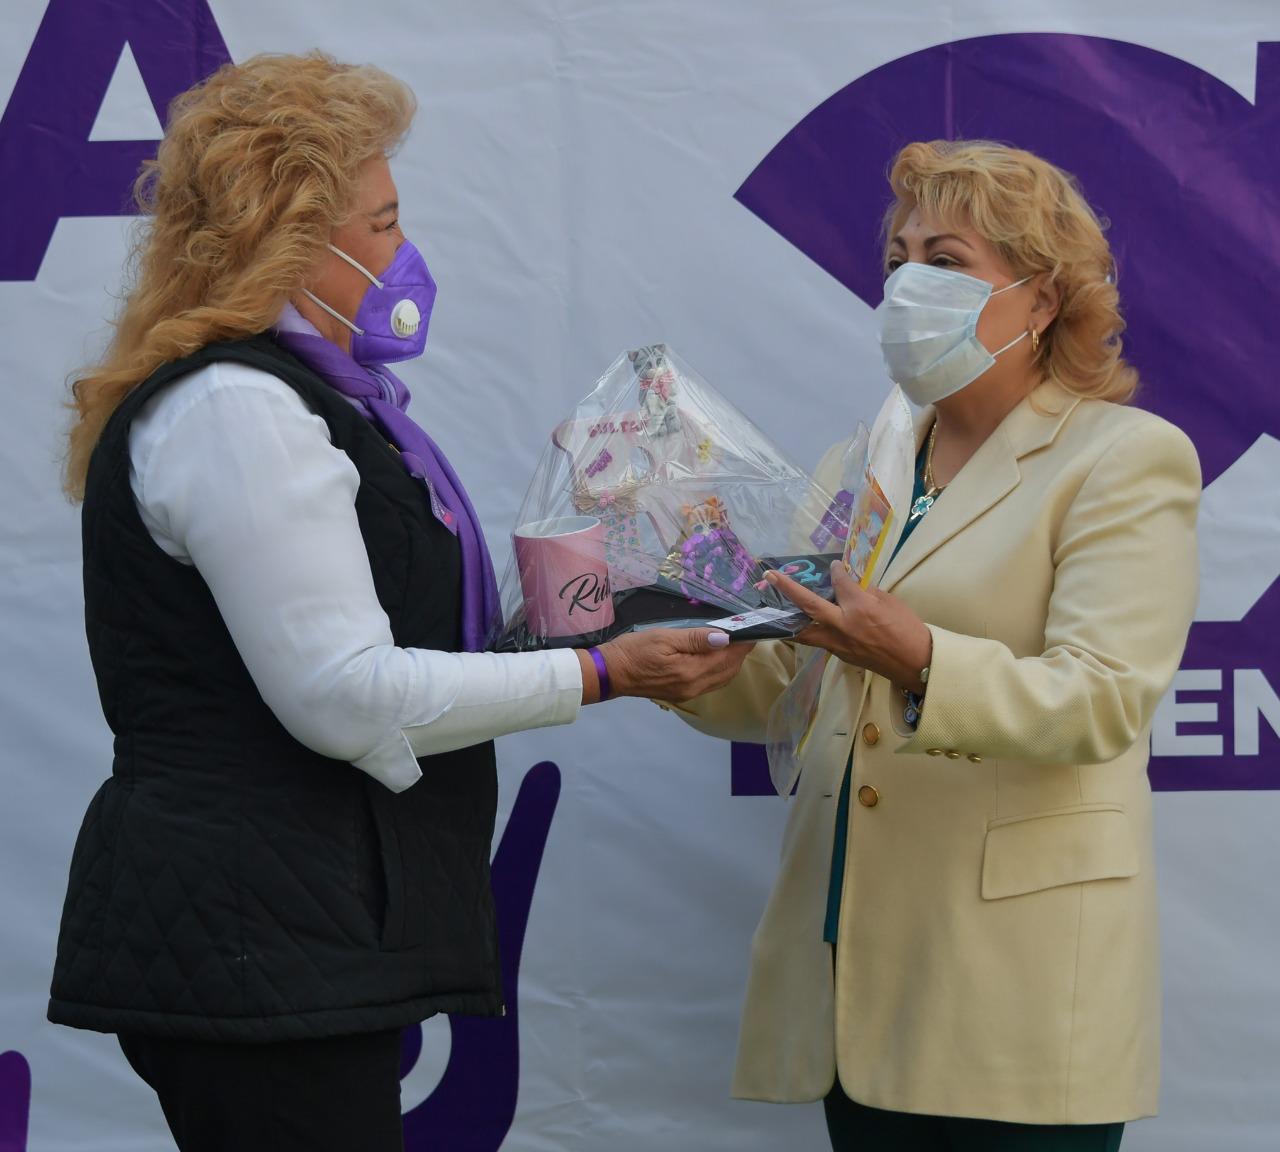 La presidenta municipal de Atizapán de Zaragoza, Ruth Olvera Nieto, recordando el Día Internacional de la Eliminación de la Violencia contra la Mujer